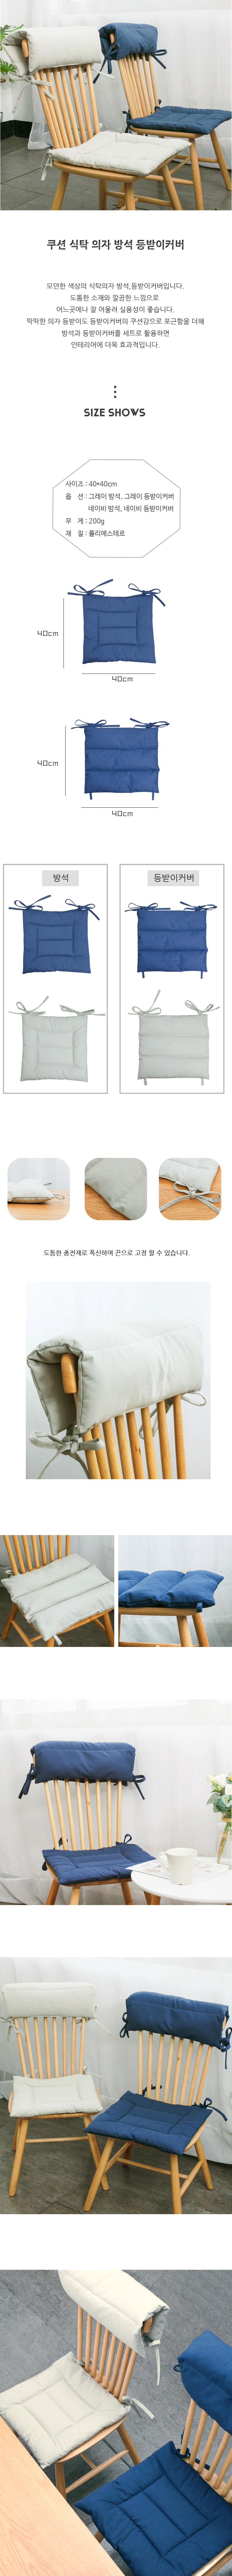 쿠션 식탁 의자 방석 등받이커버 - 제이엔터프라이스, 12,000원, 방석, 무지/솔리드